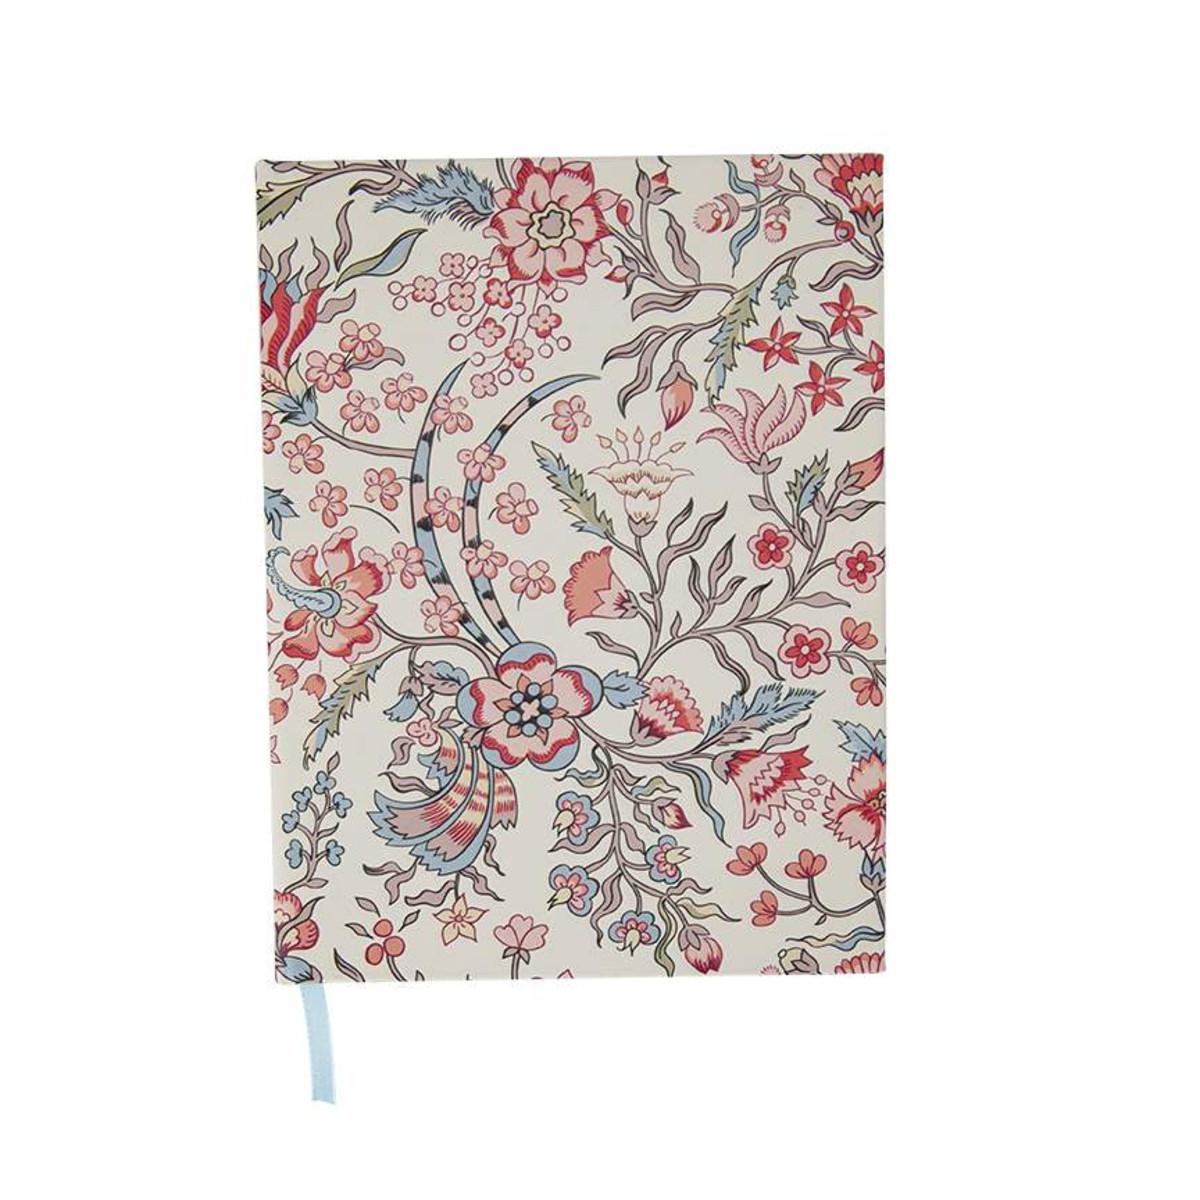 Riley Blake Jane Austen Journal - Elizabeth